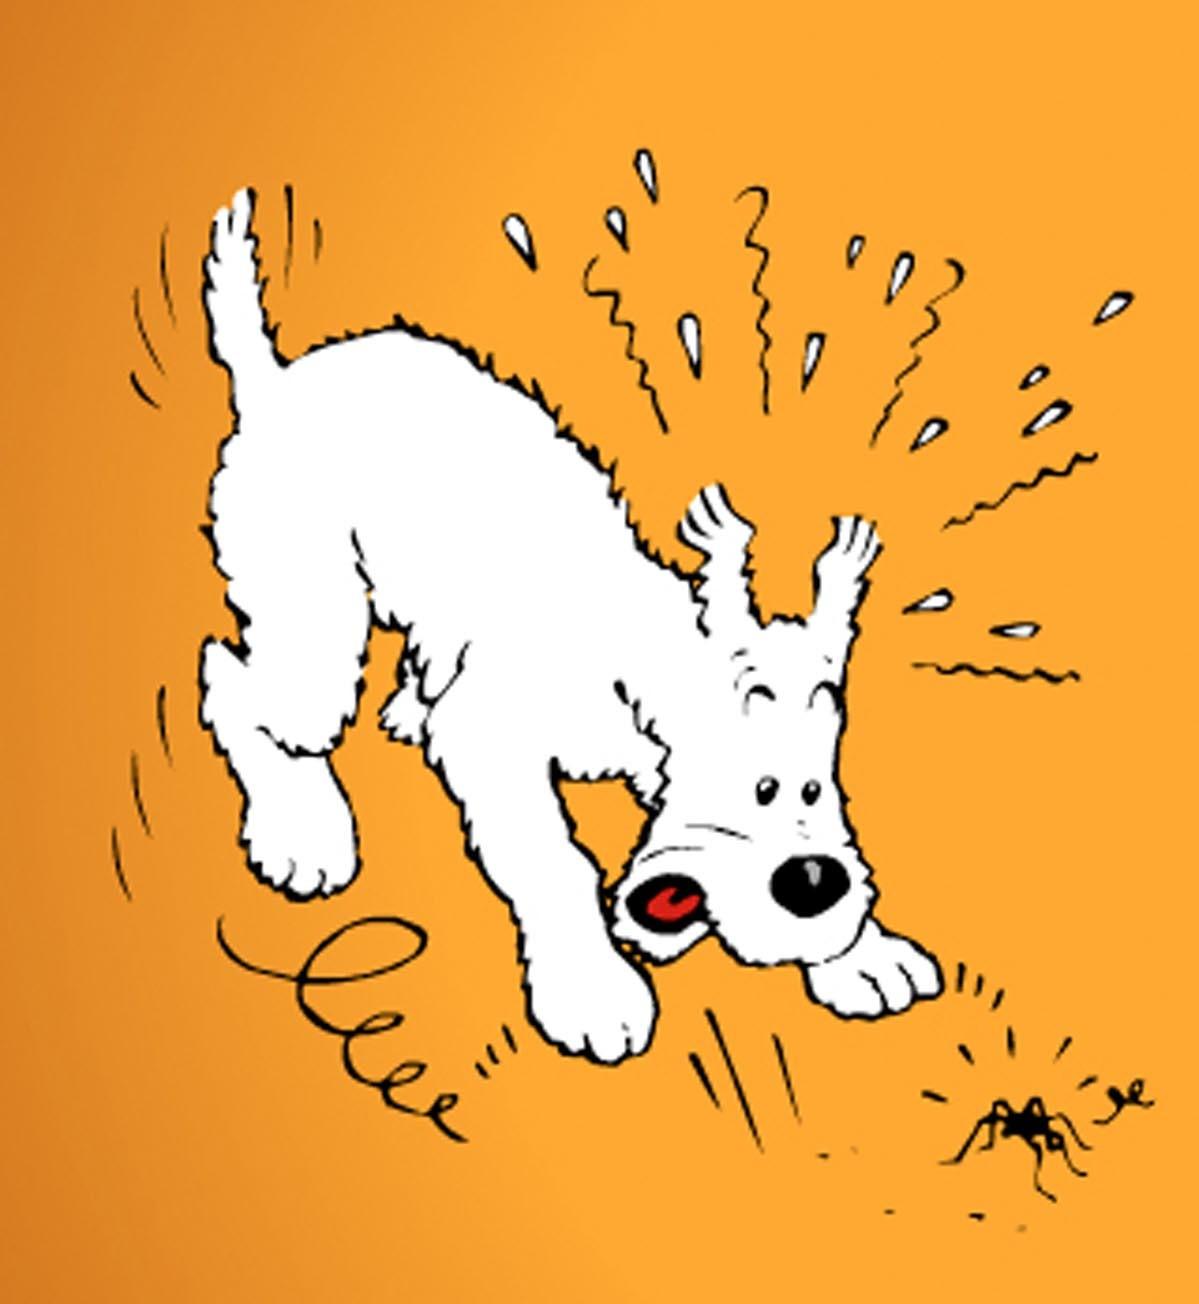 Les chiens de bandes dessinées